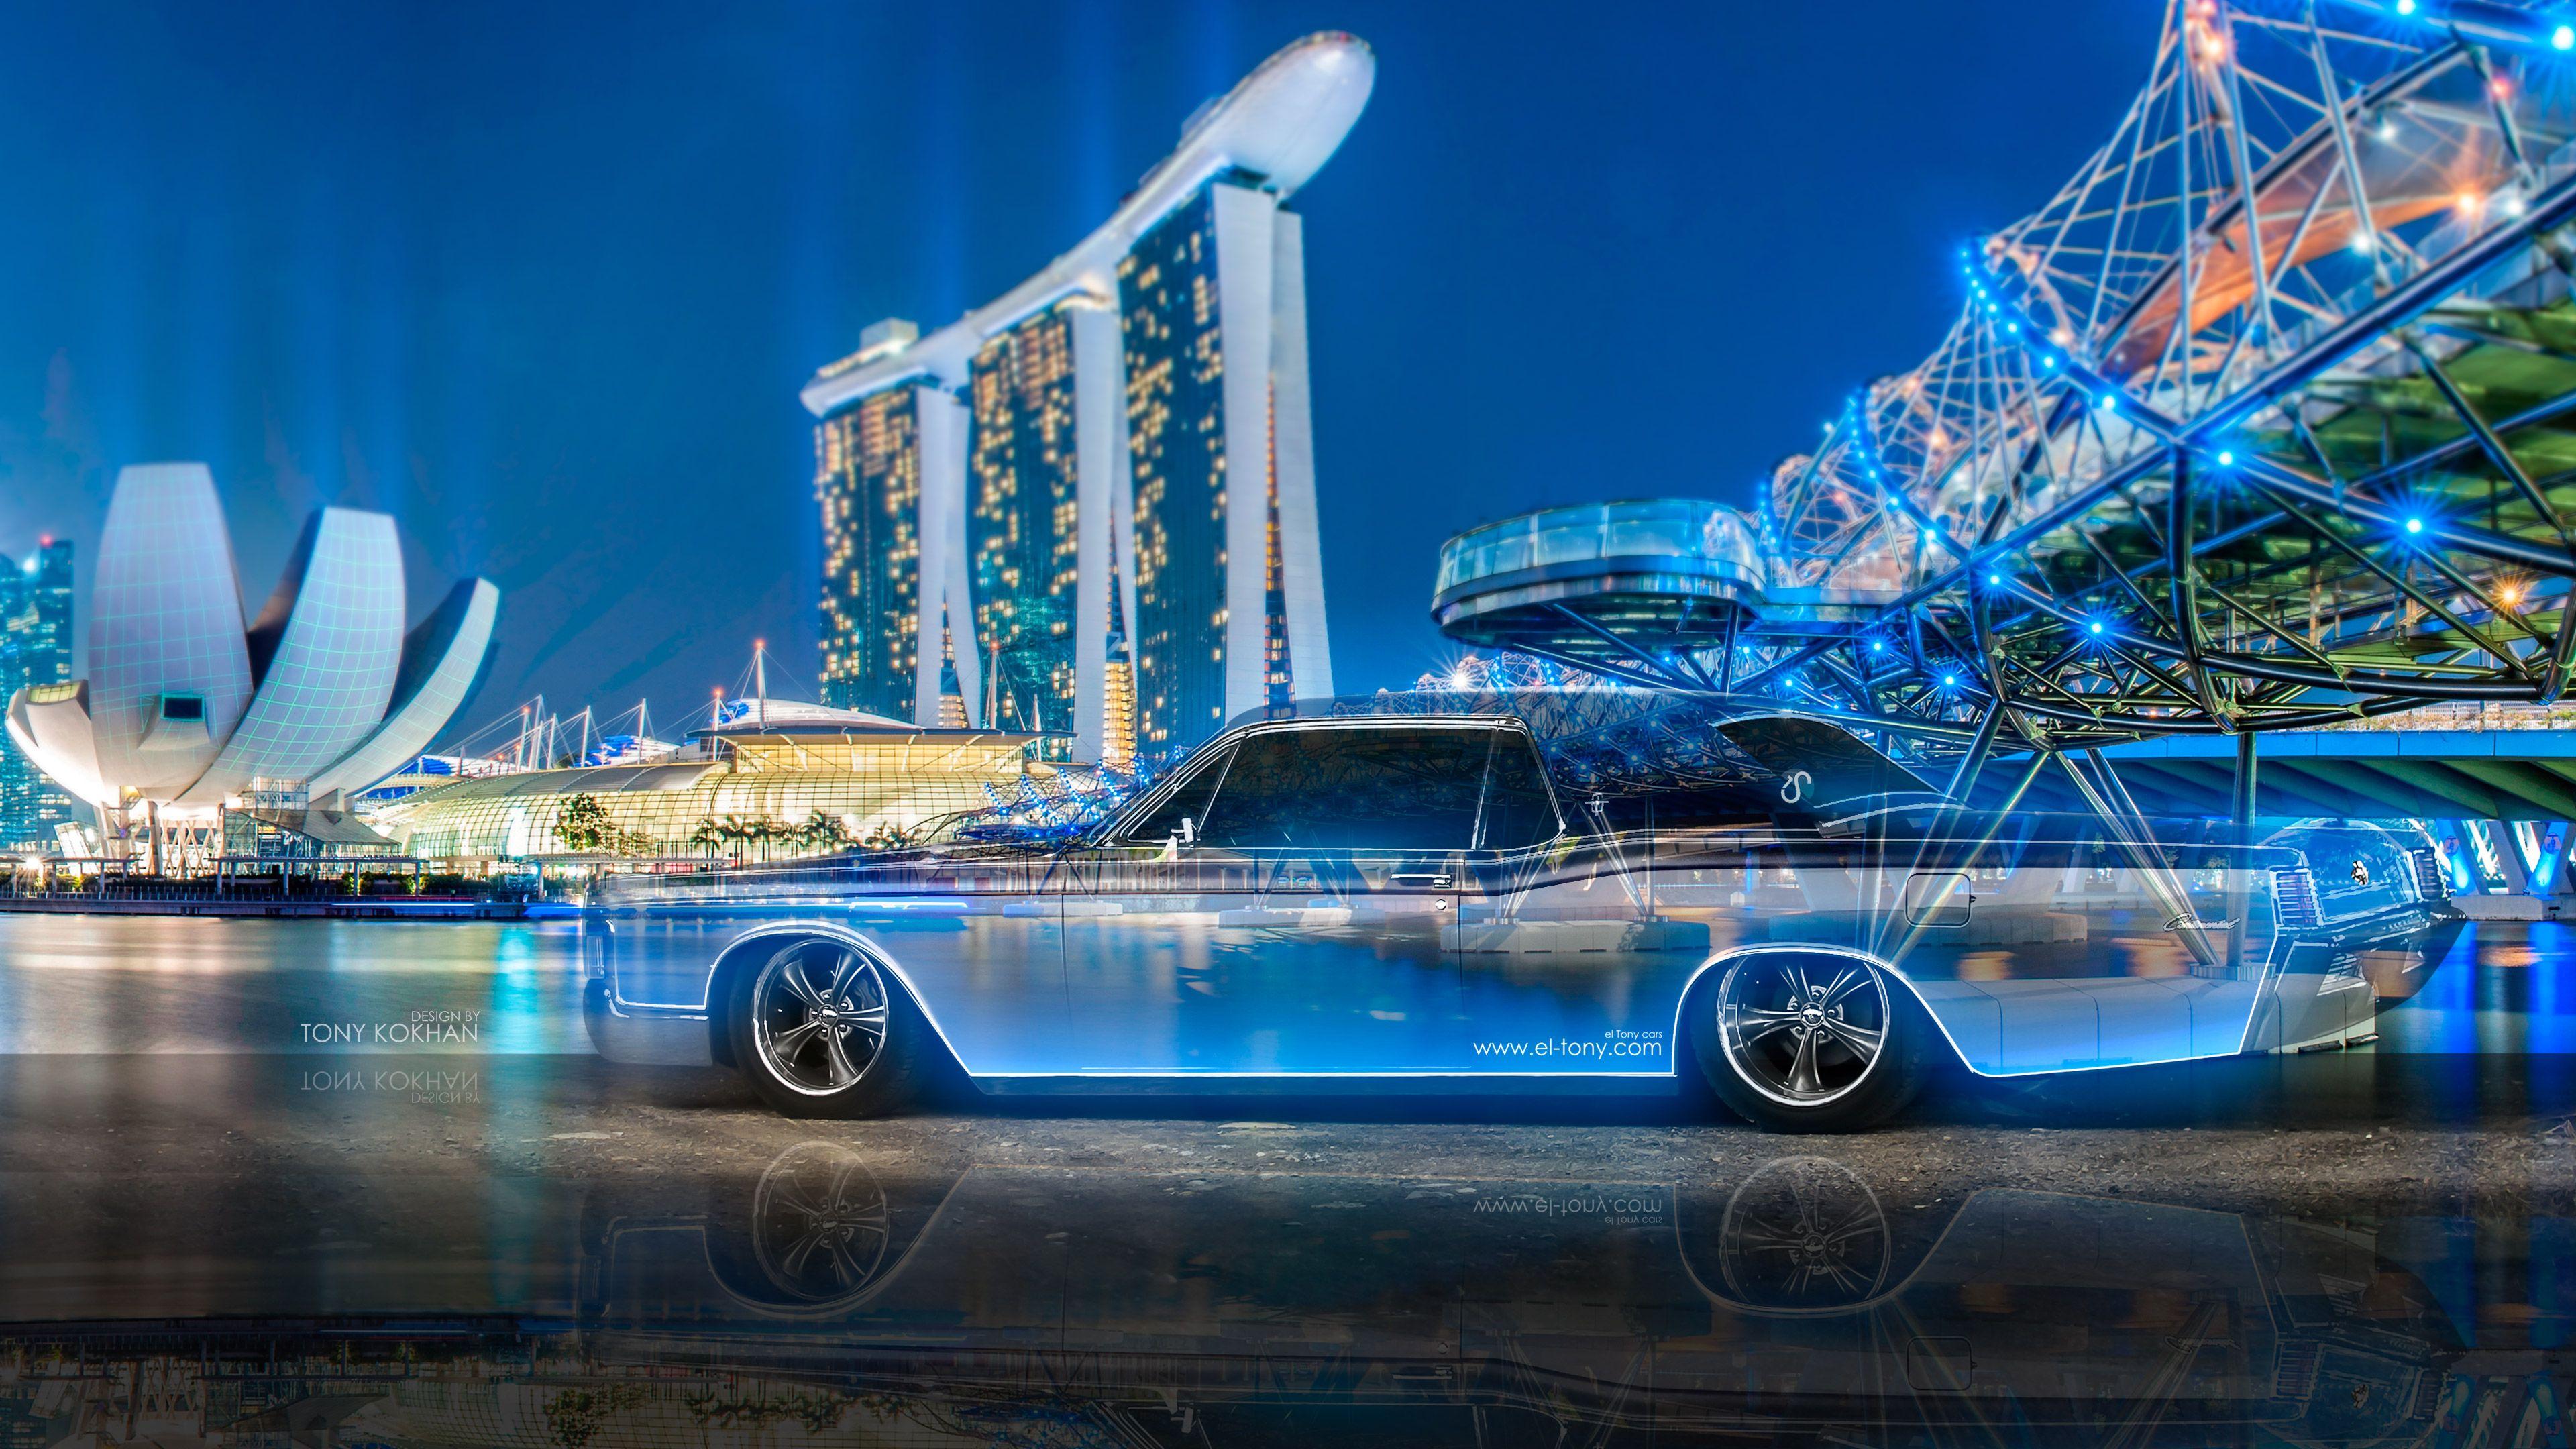 2018, 3D, Blue, City, Continental, Crystal, El Tony Cars,